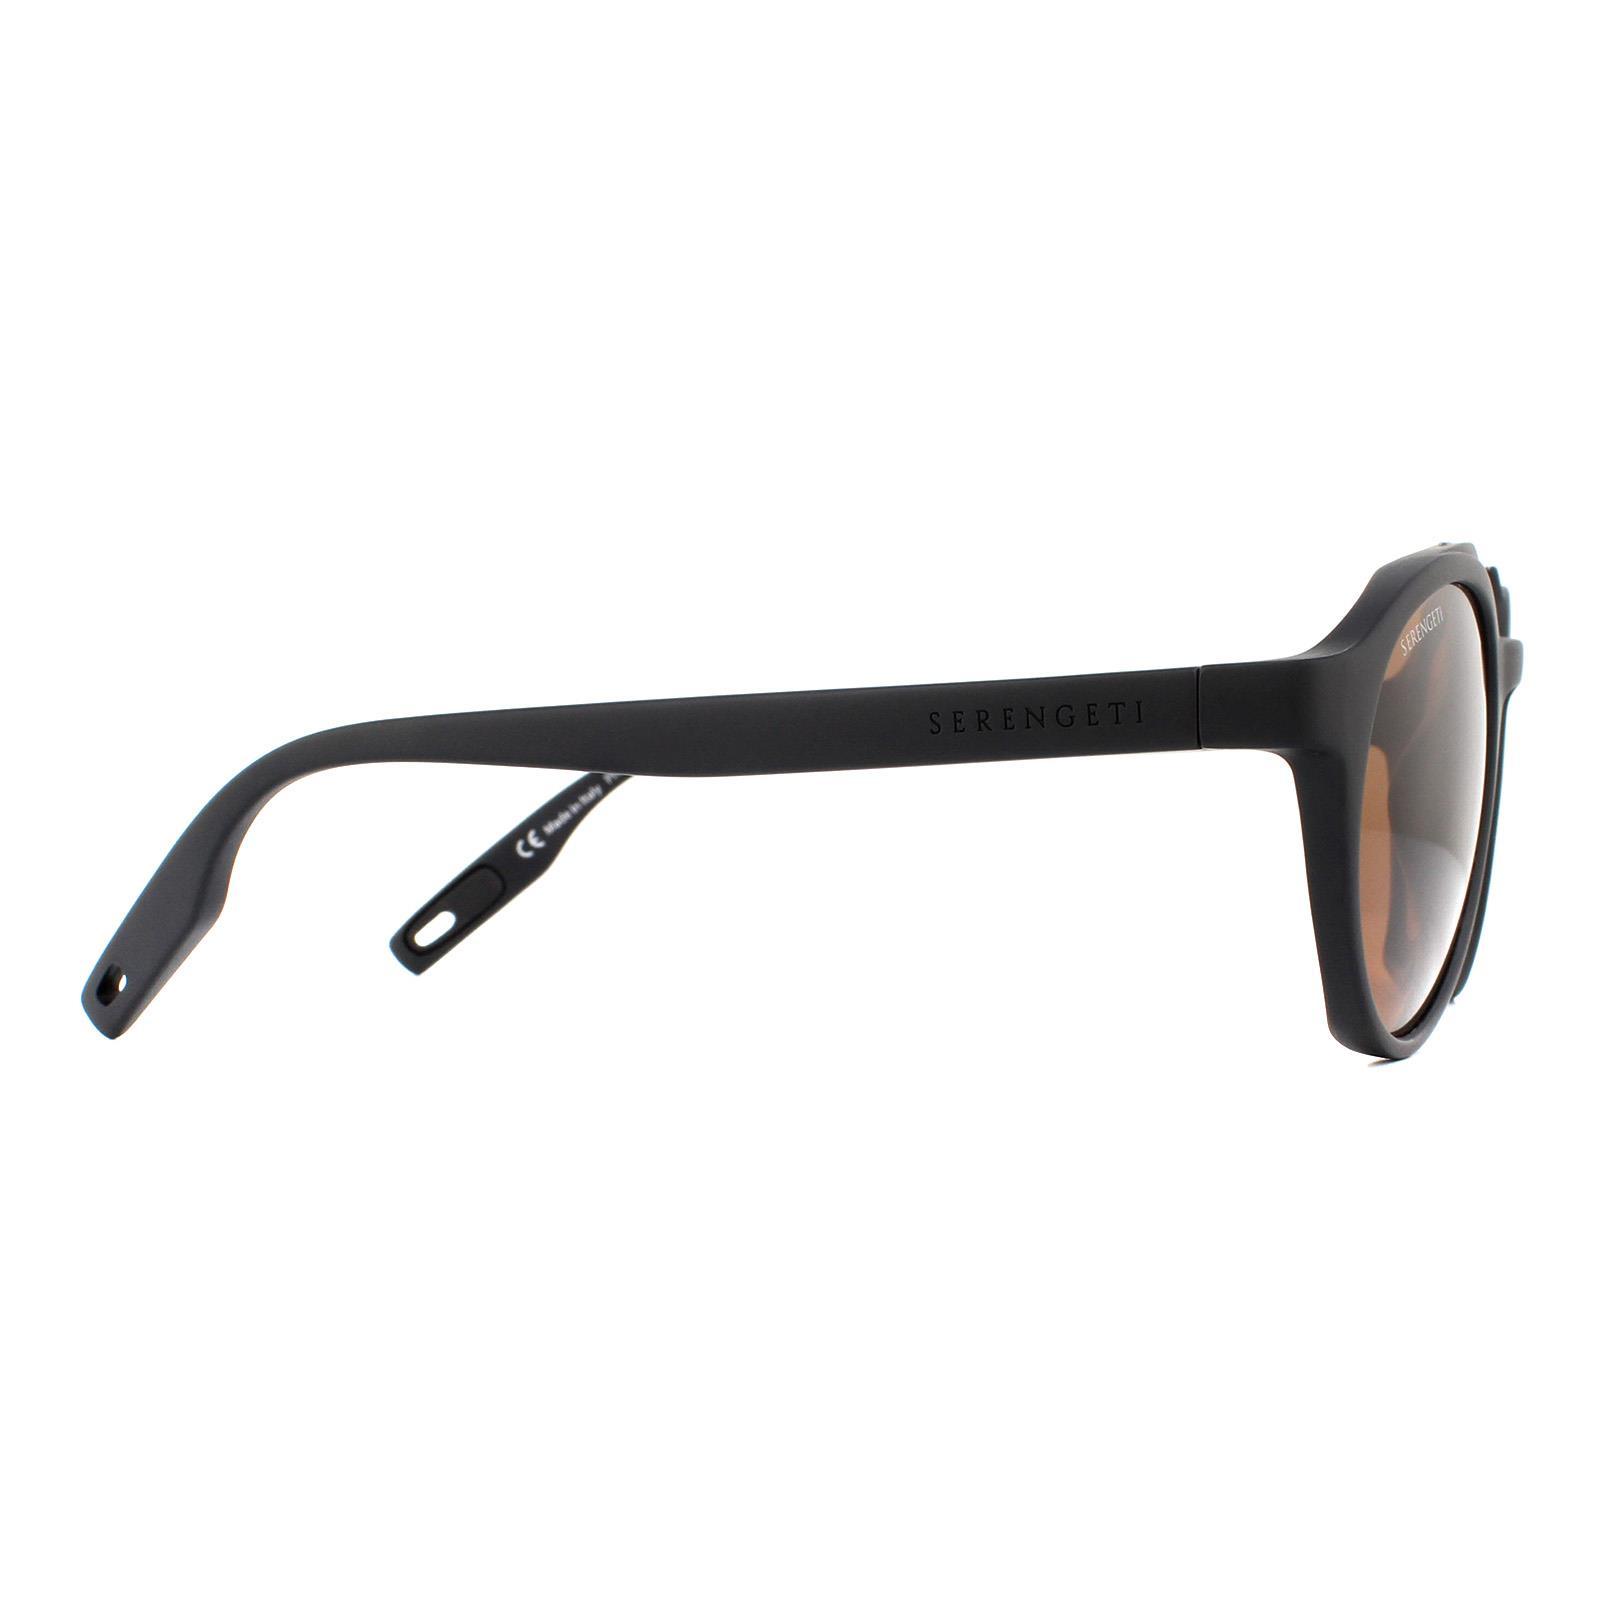 Serengeti Sunglasses Leandro 8592 Matte Black Shiny Gunmetal Polarized Drivers